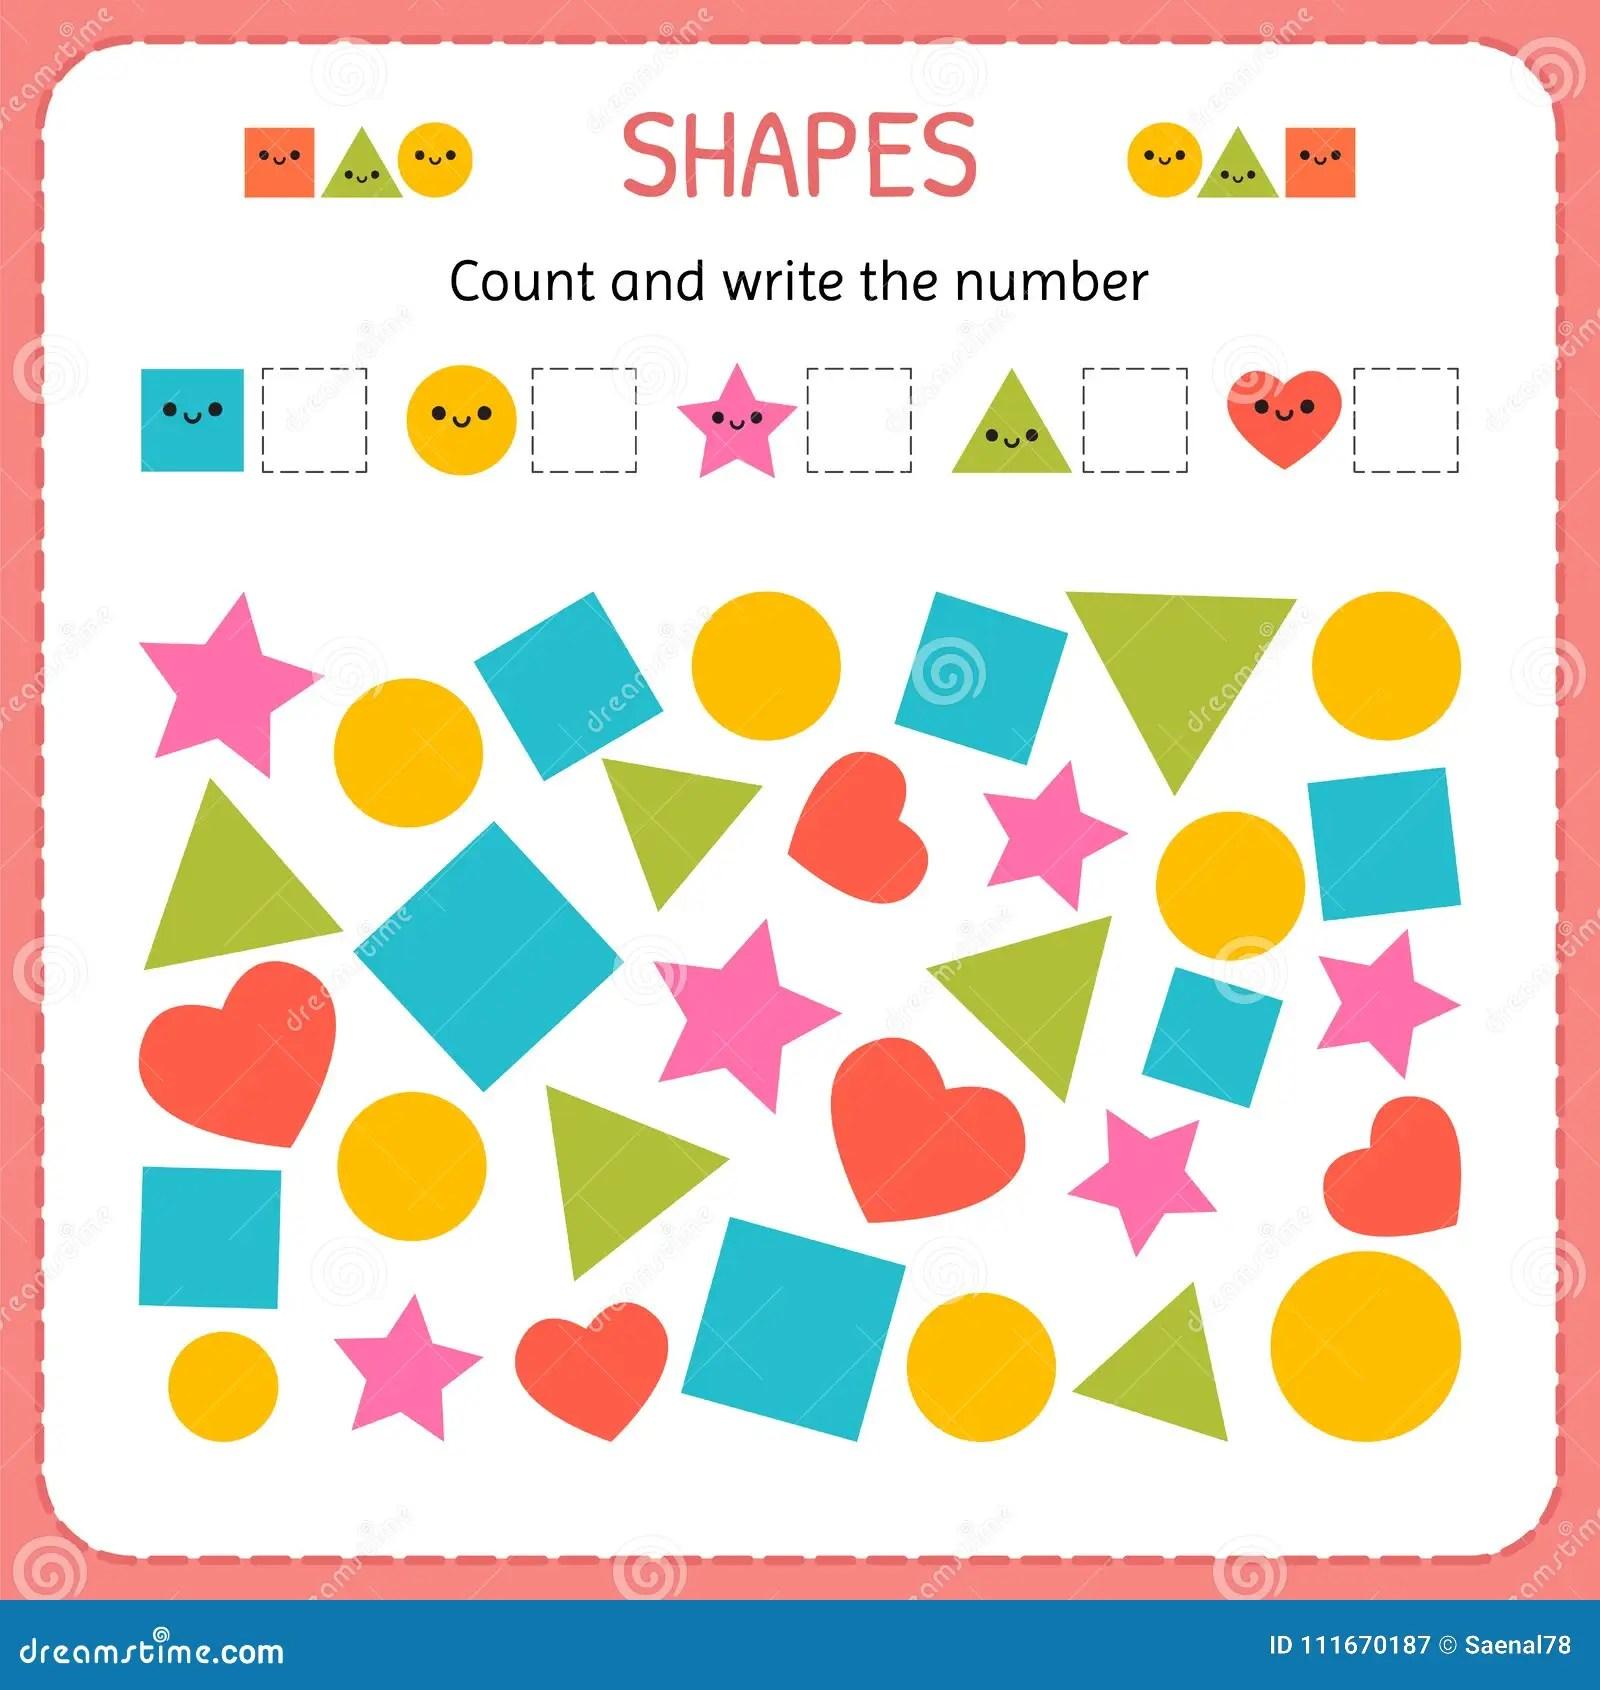 Conte E Escreva O Numero Aprenda Formas E Figuras Geometricas Pre Escolar Ou Folha Do Jardim De